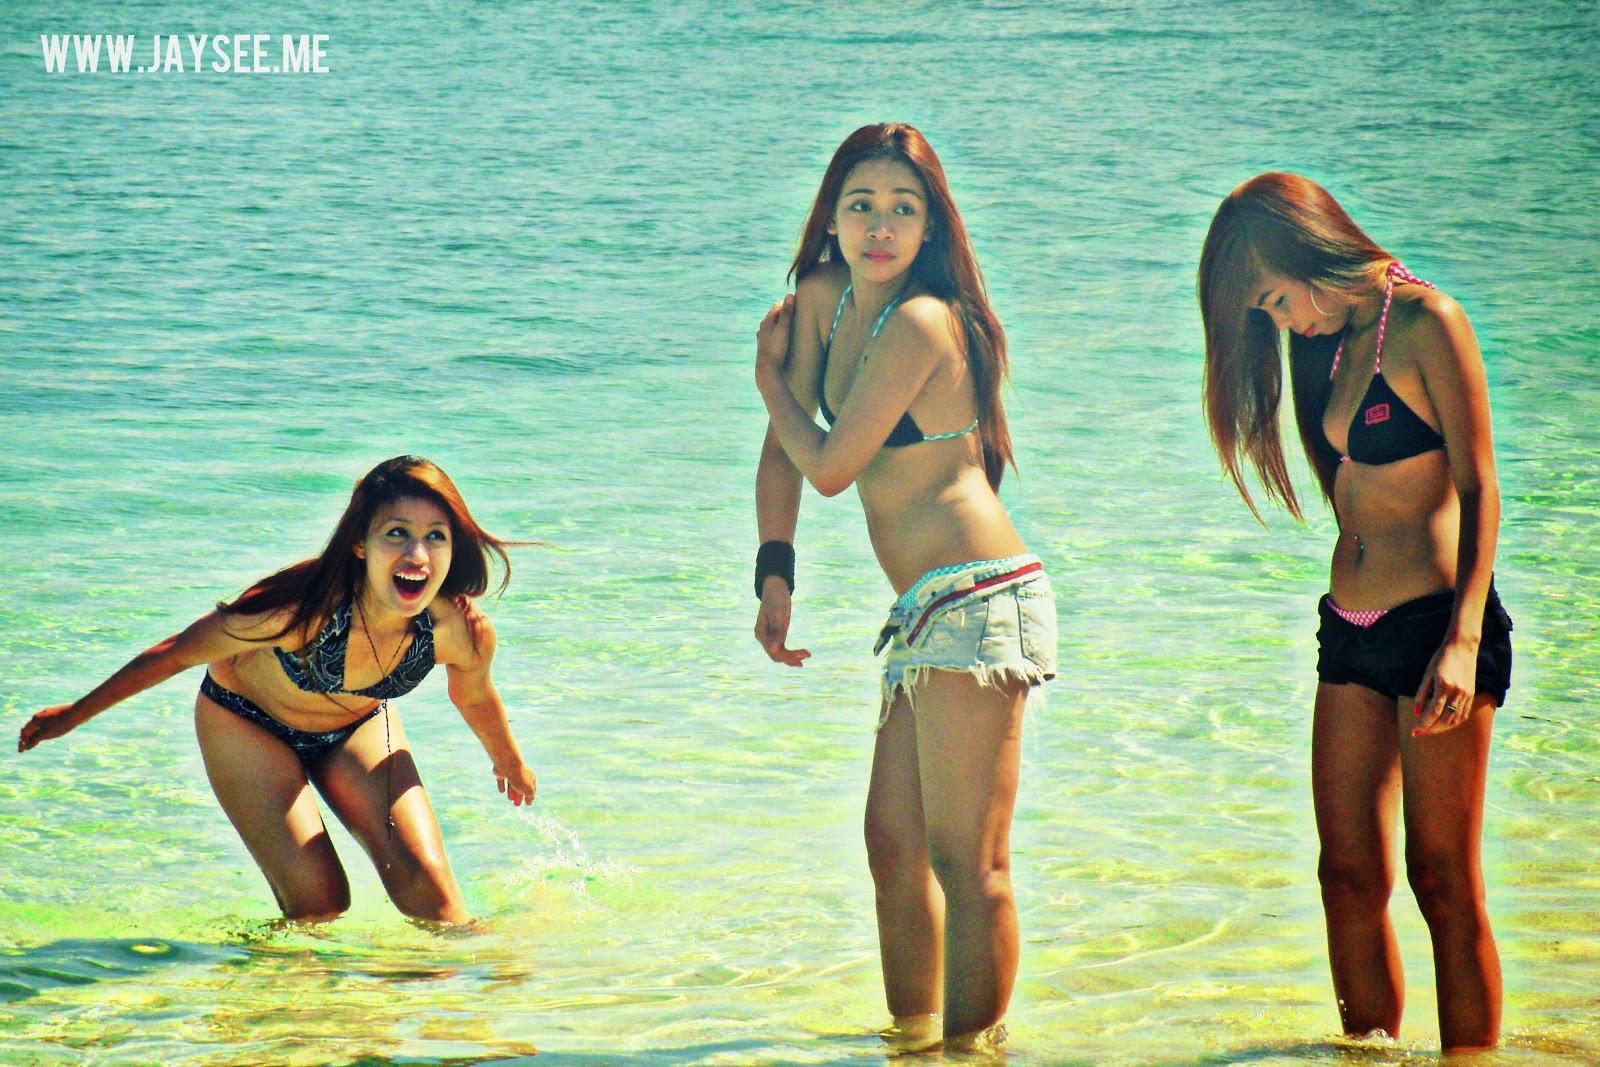 bohol wakefest philippines wakeboarding event filipina babes